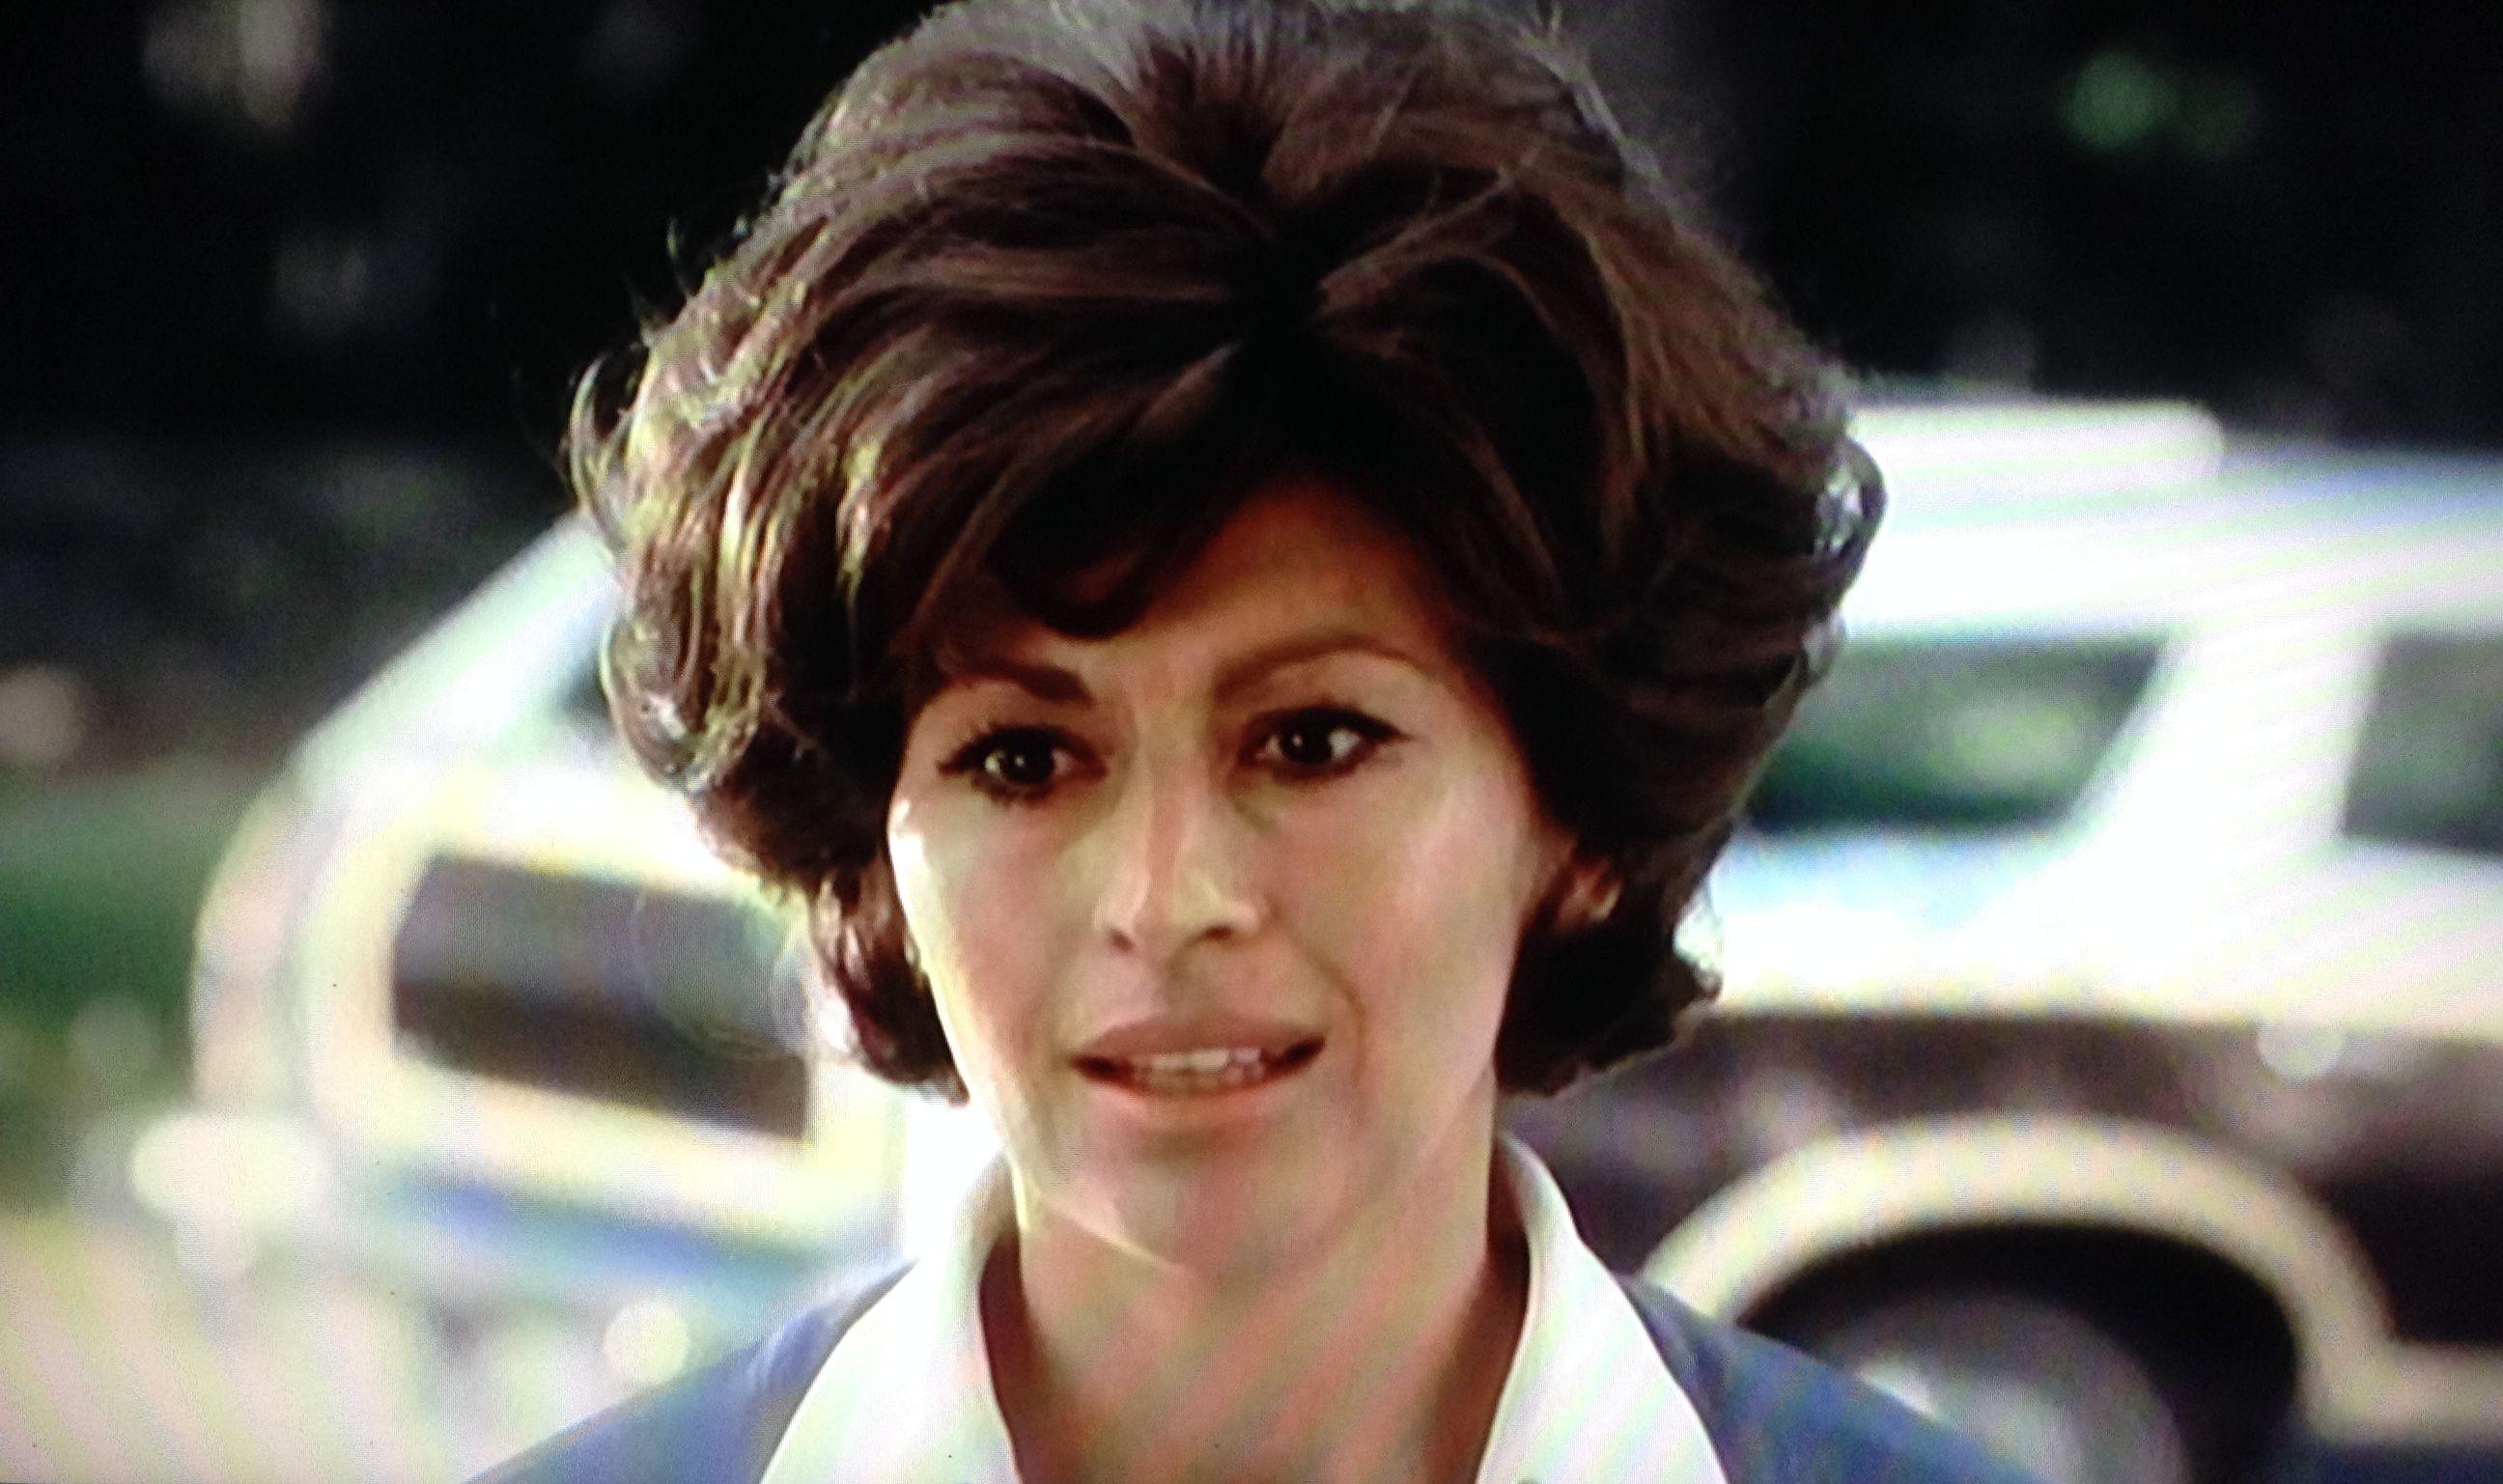 Midori (actress),Ruth Gemmell Adult clip Pat Keen,Stacey Oristano